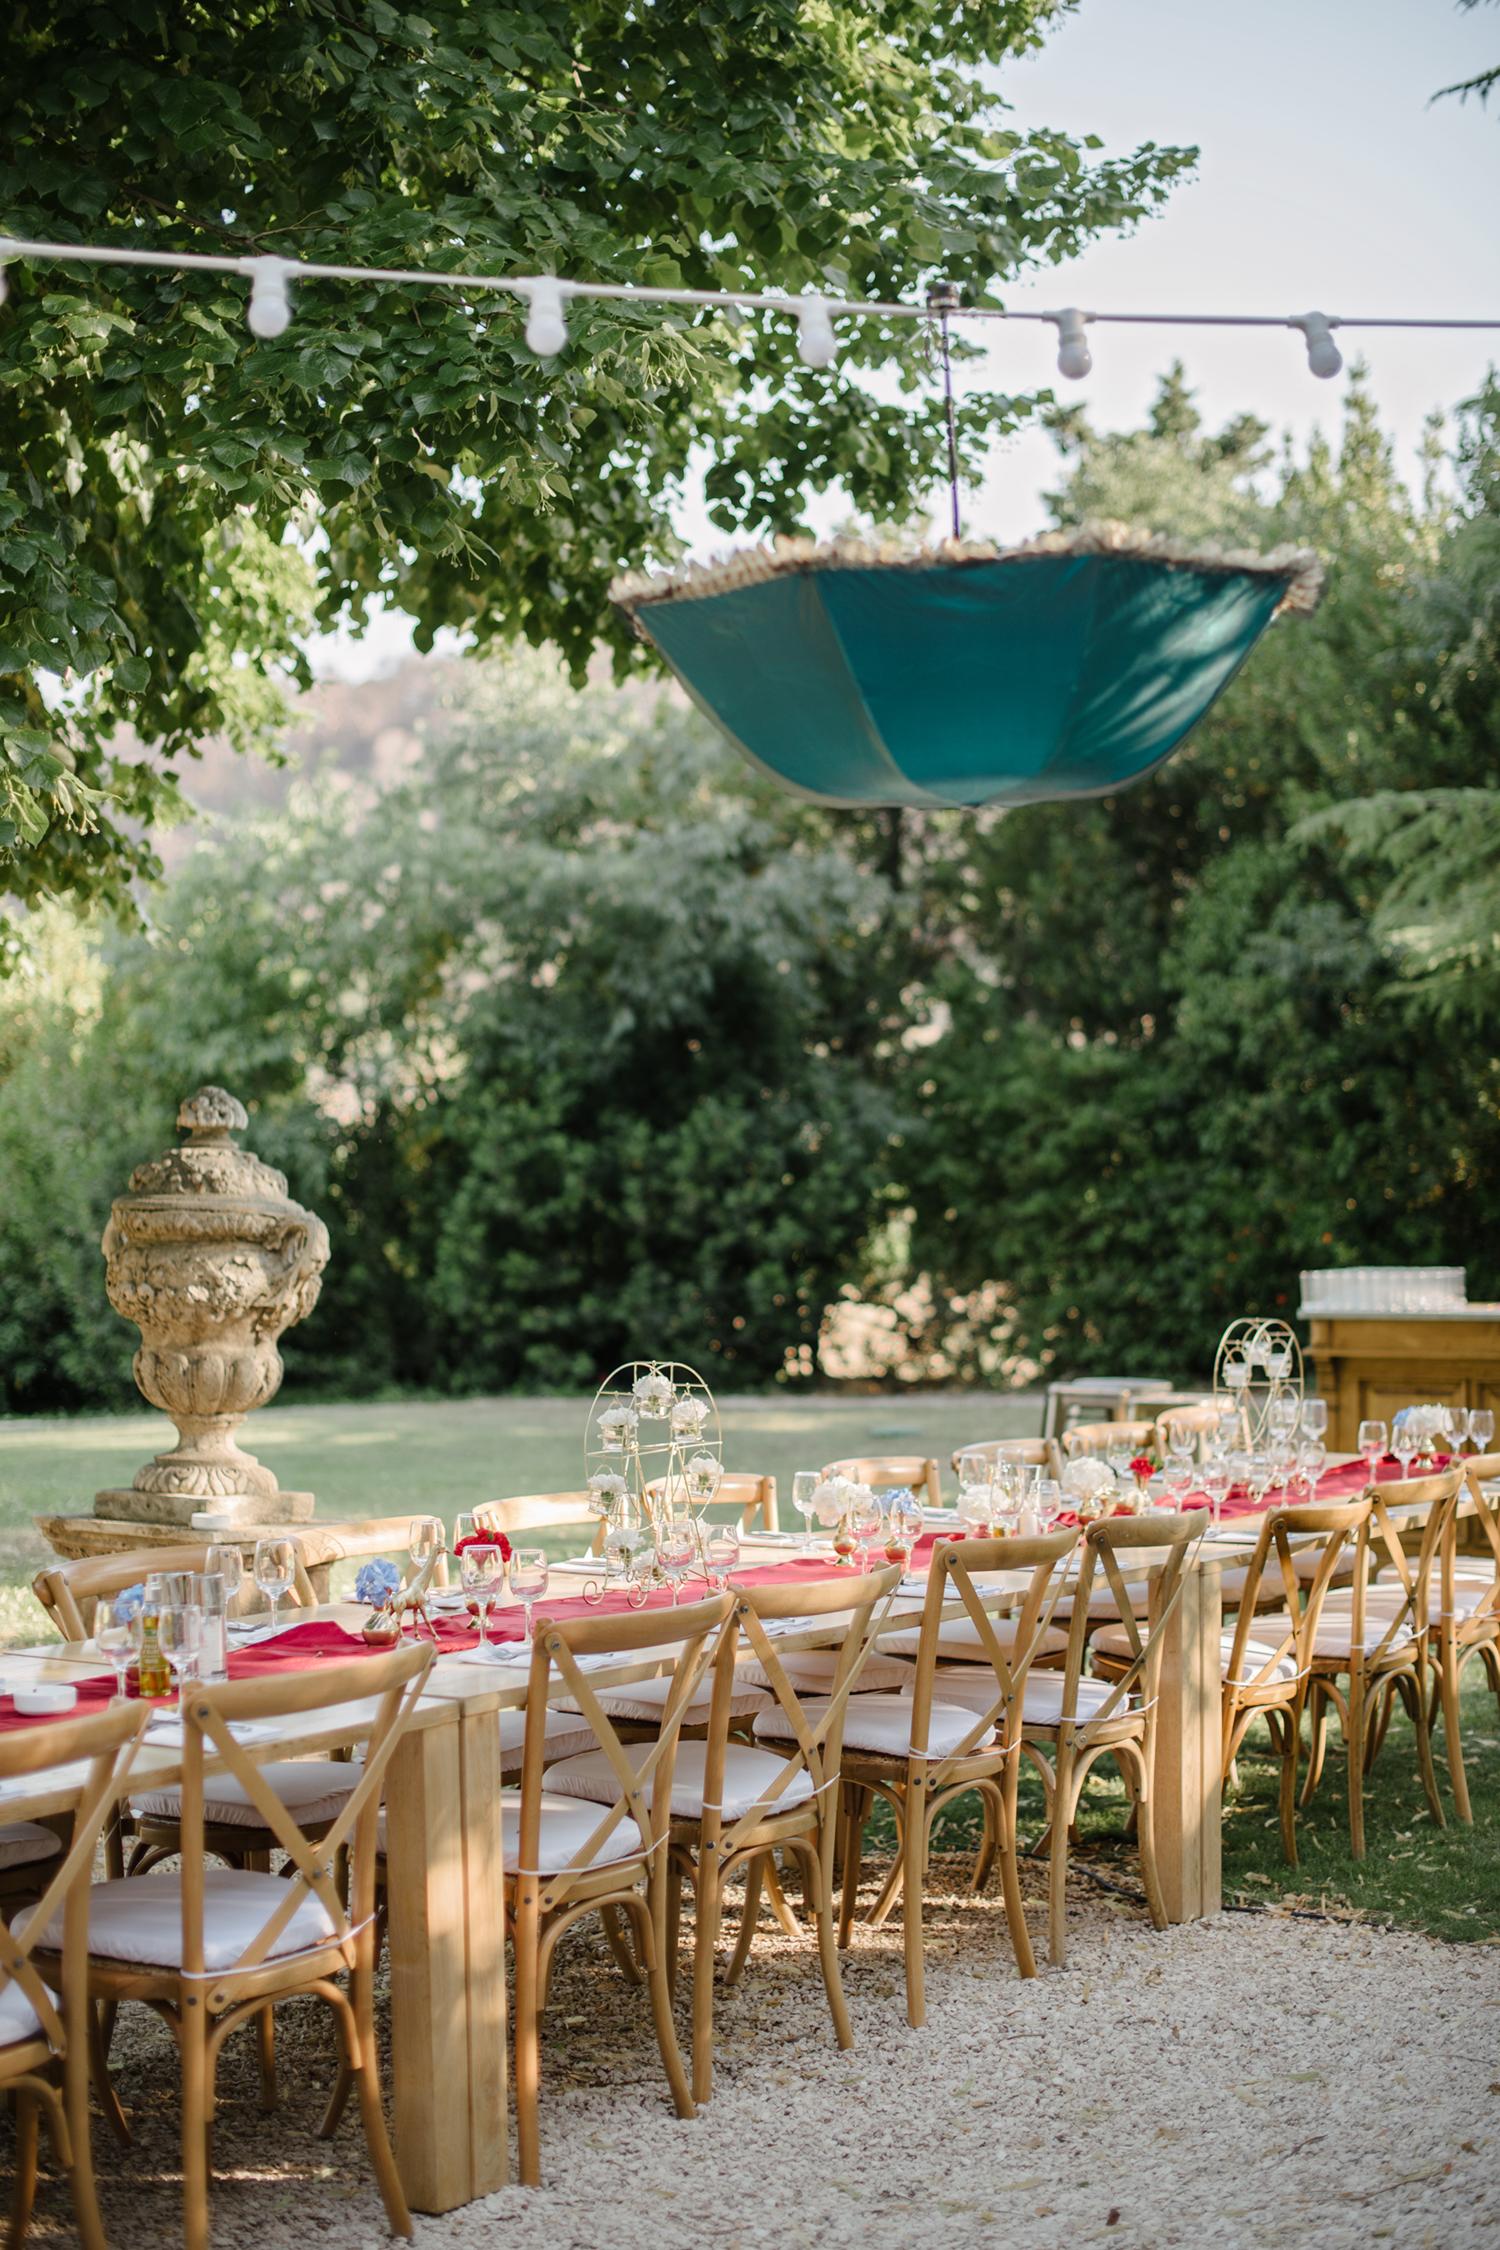 Chateau-Robernier-Wedding-Photography-0022.jpg